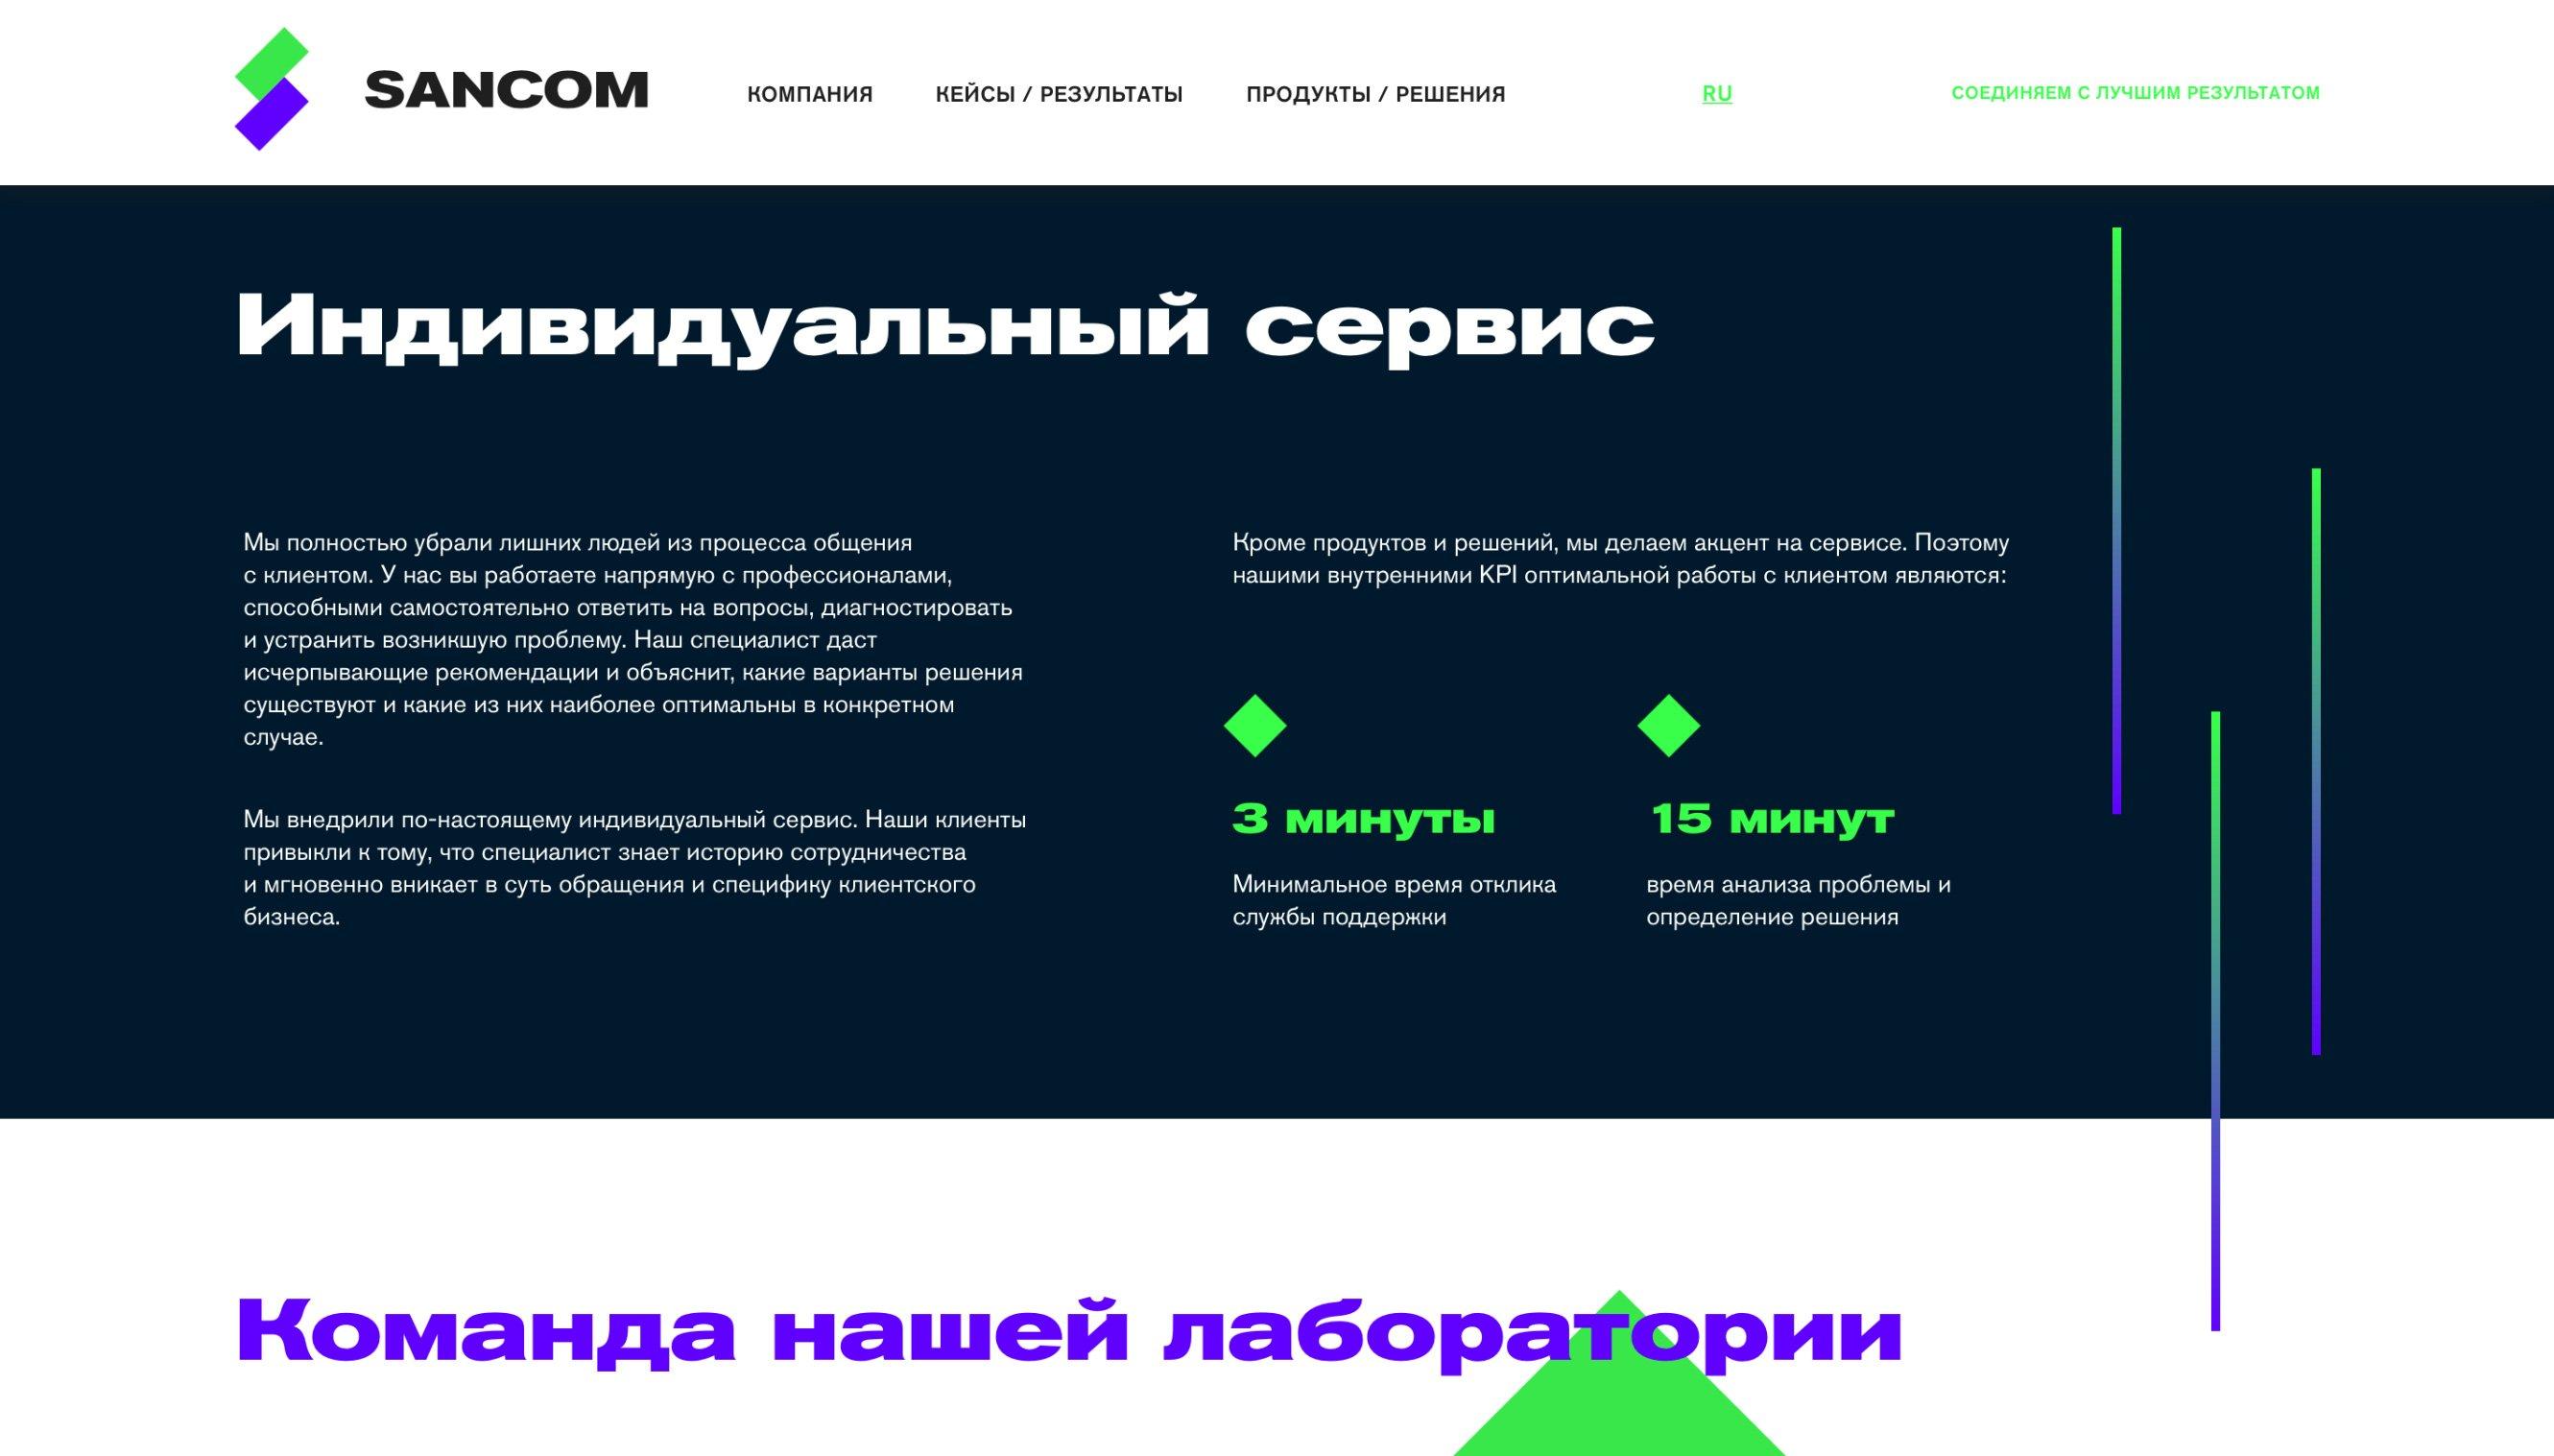 Сайт телекоммуникационной компании Sancom